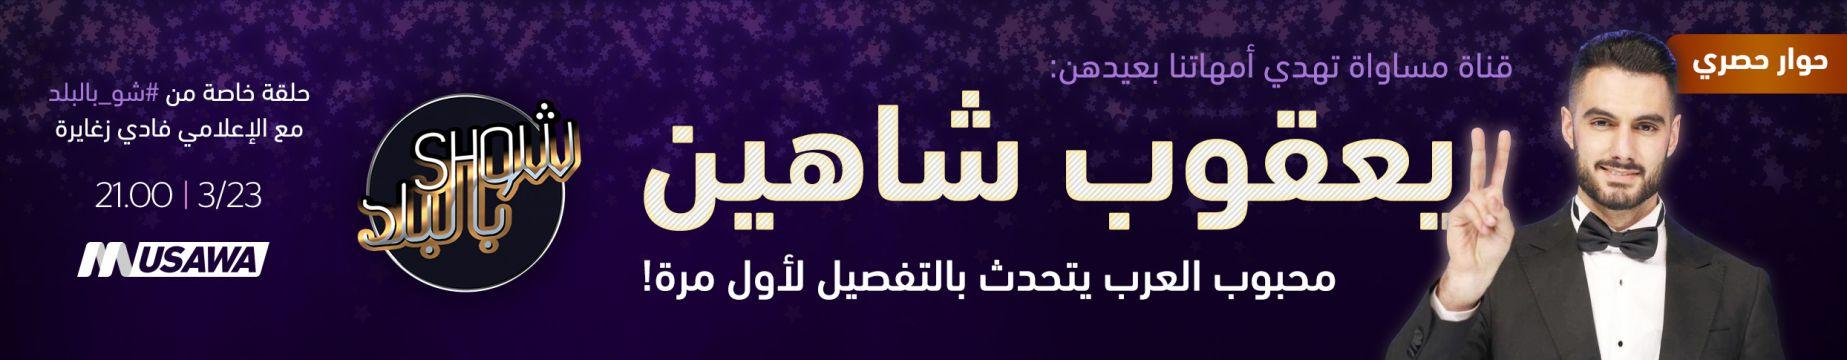 يعقوب شاهين، محبوب العرب يتحدث بالتفصيل لاول مرة